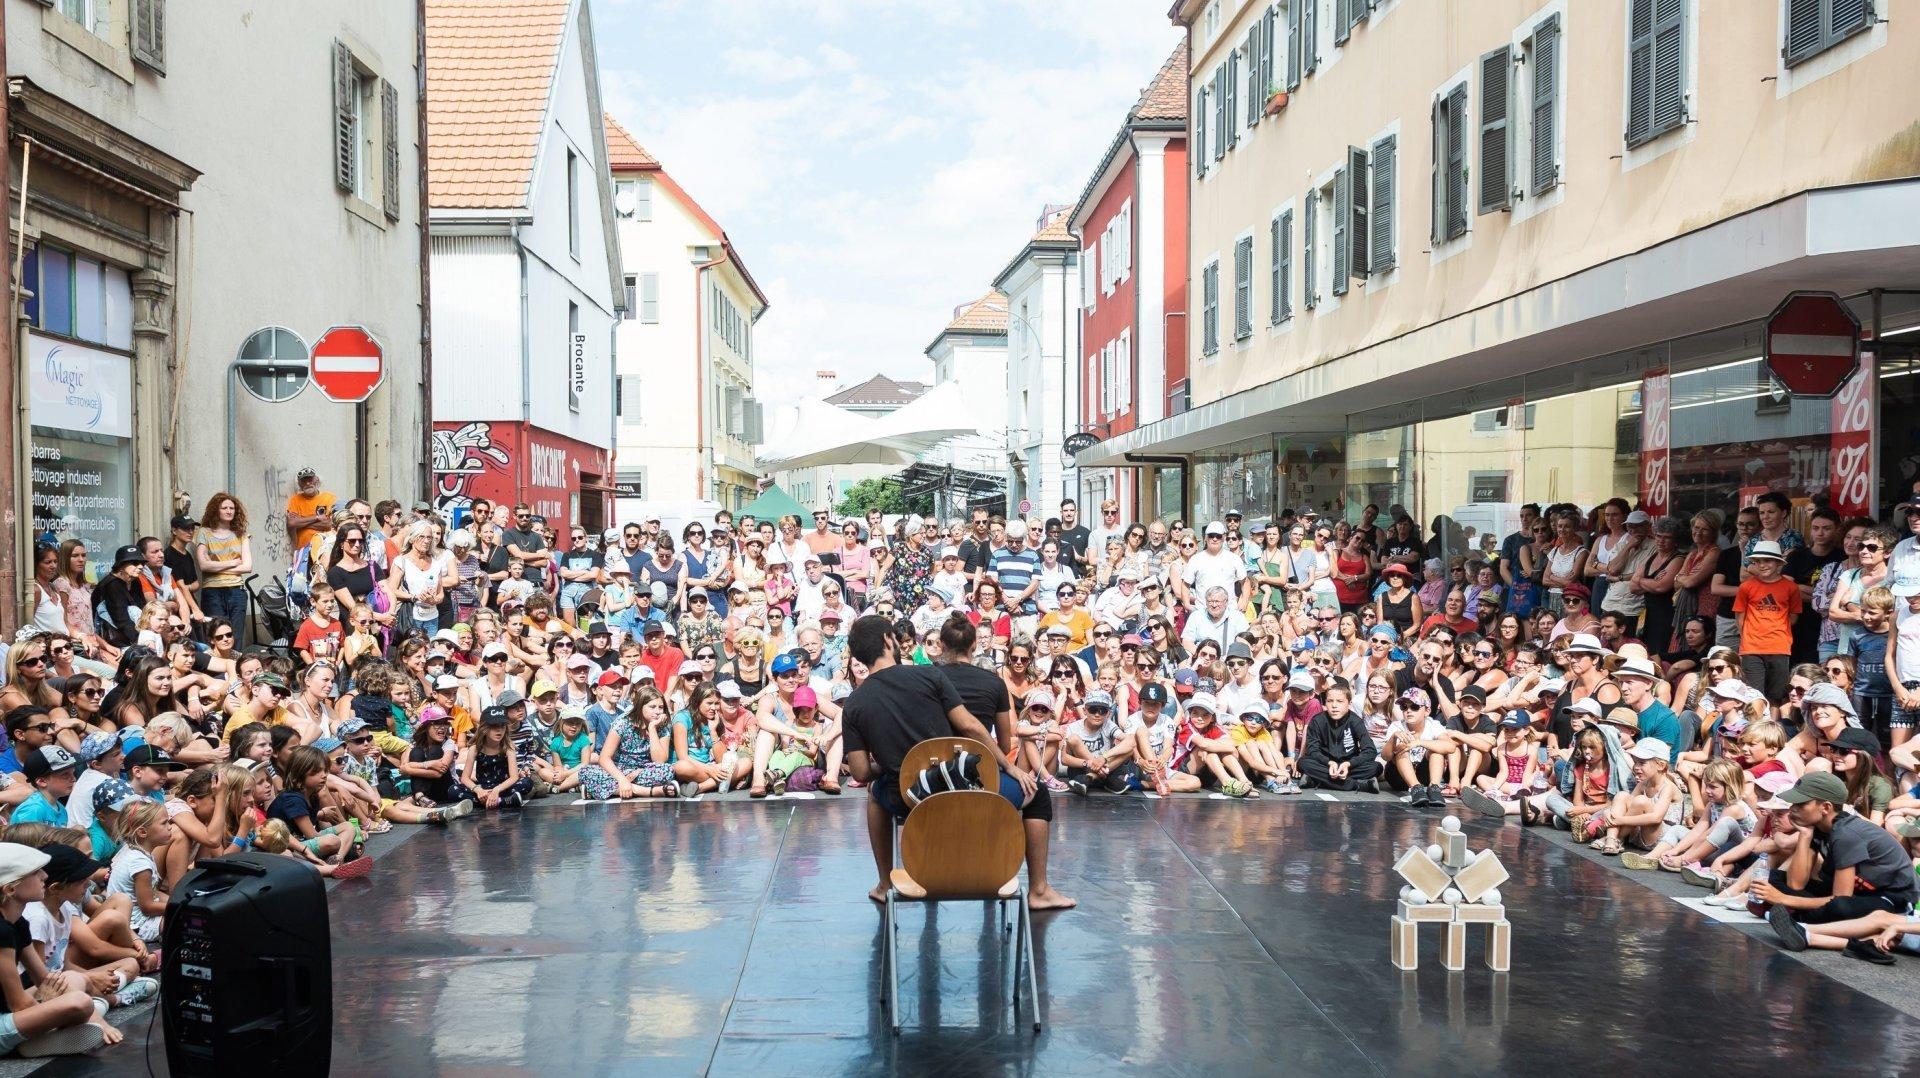 La Chaux-de-Fonds, capitale culturelle suisse en 2025, un coup de baguette magique?